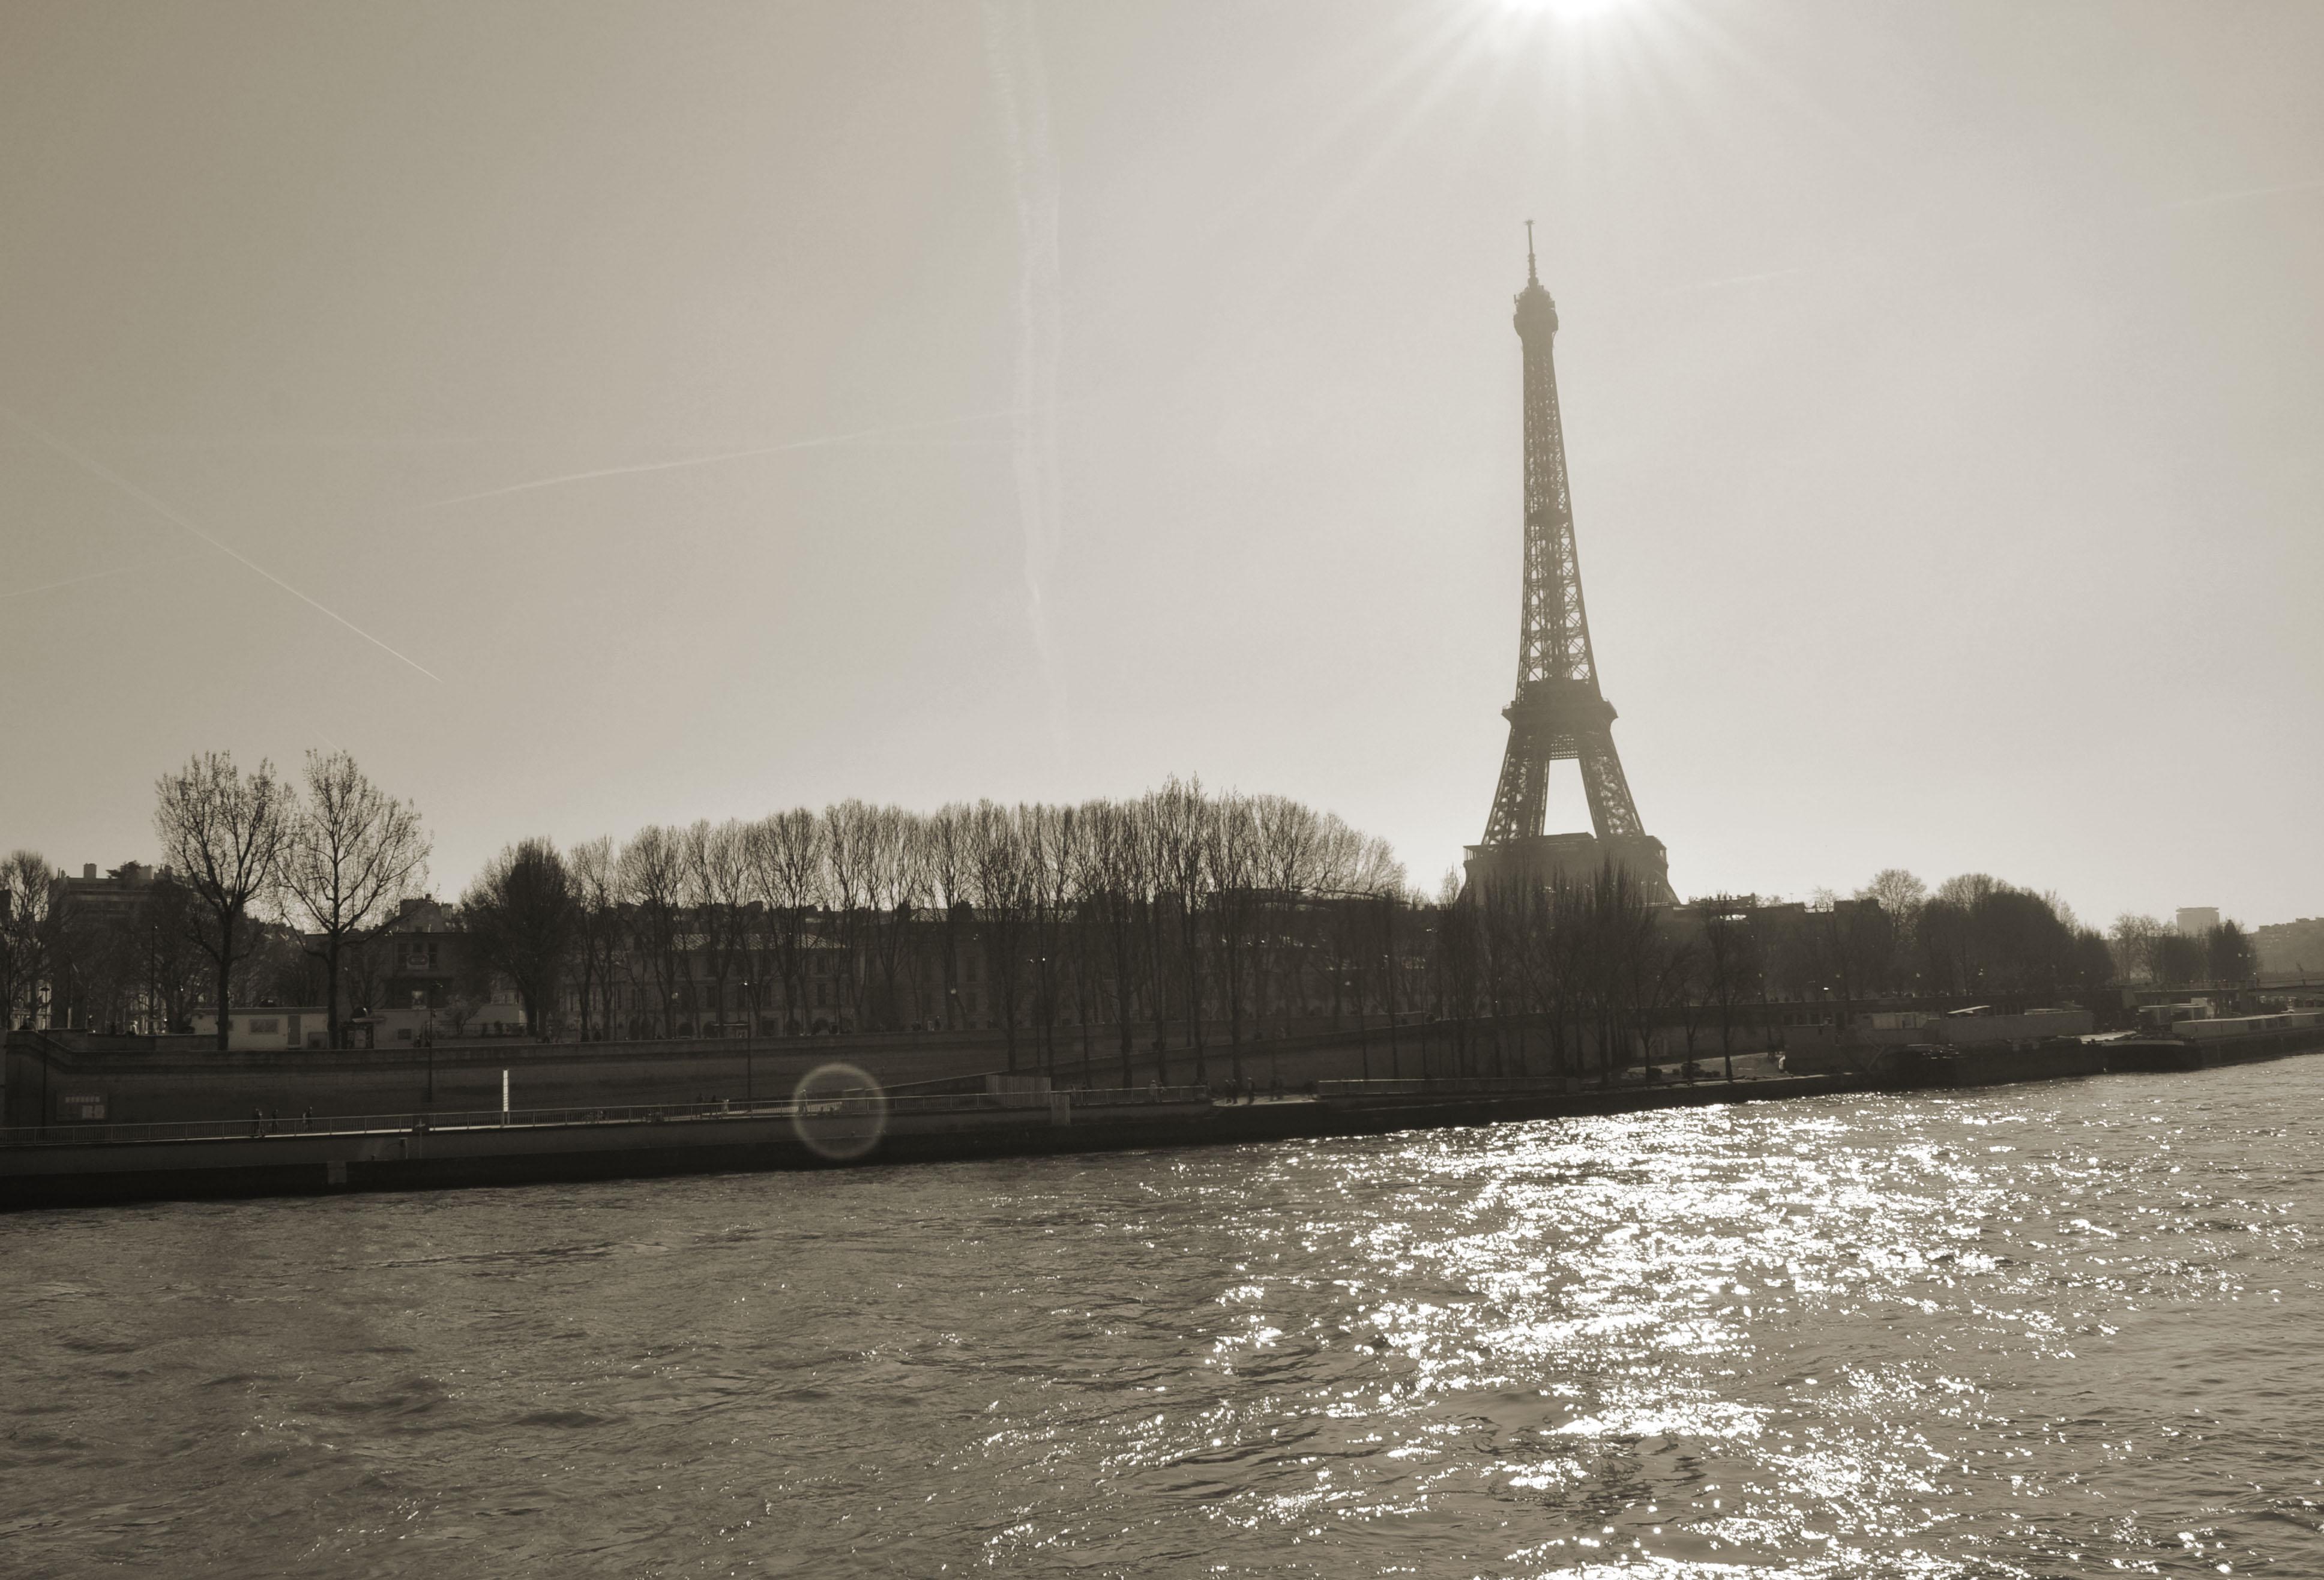 La Seine, tore eiffel, paris, childhood, love, monument, Javier Palmieri